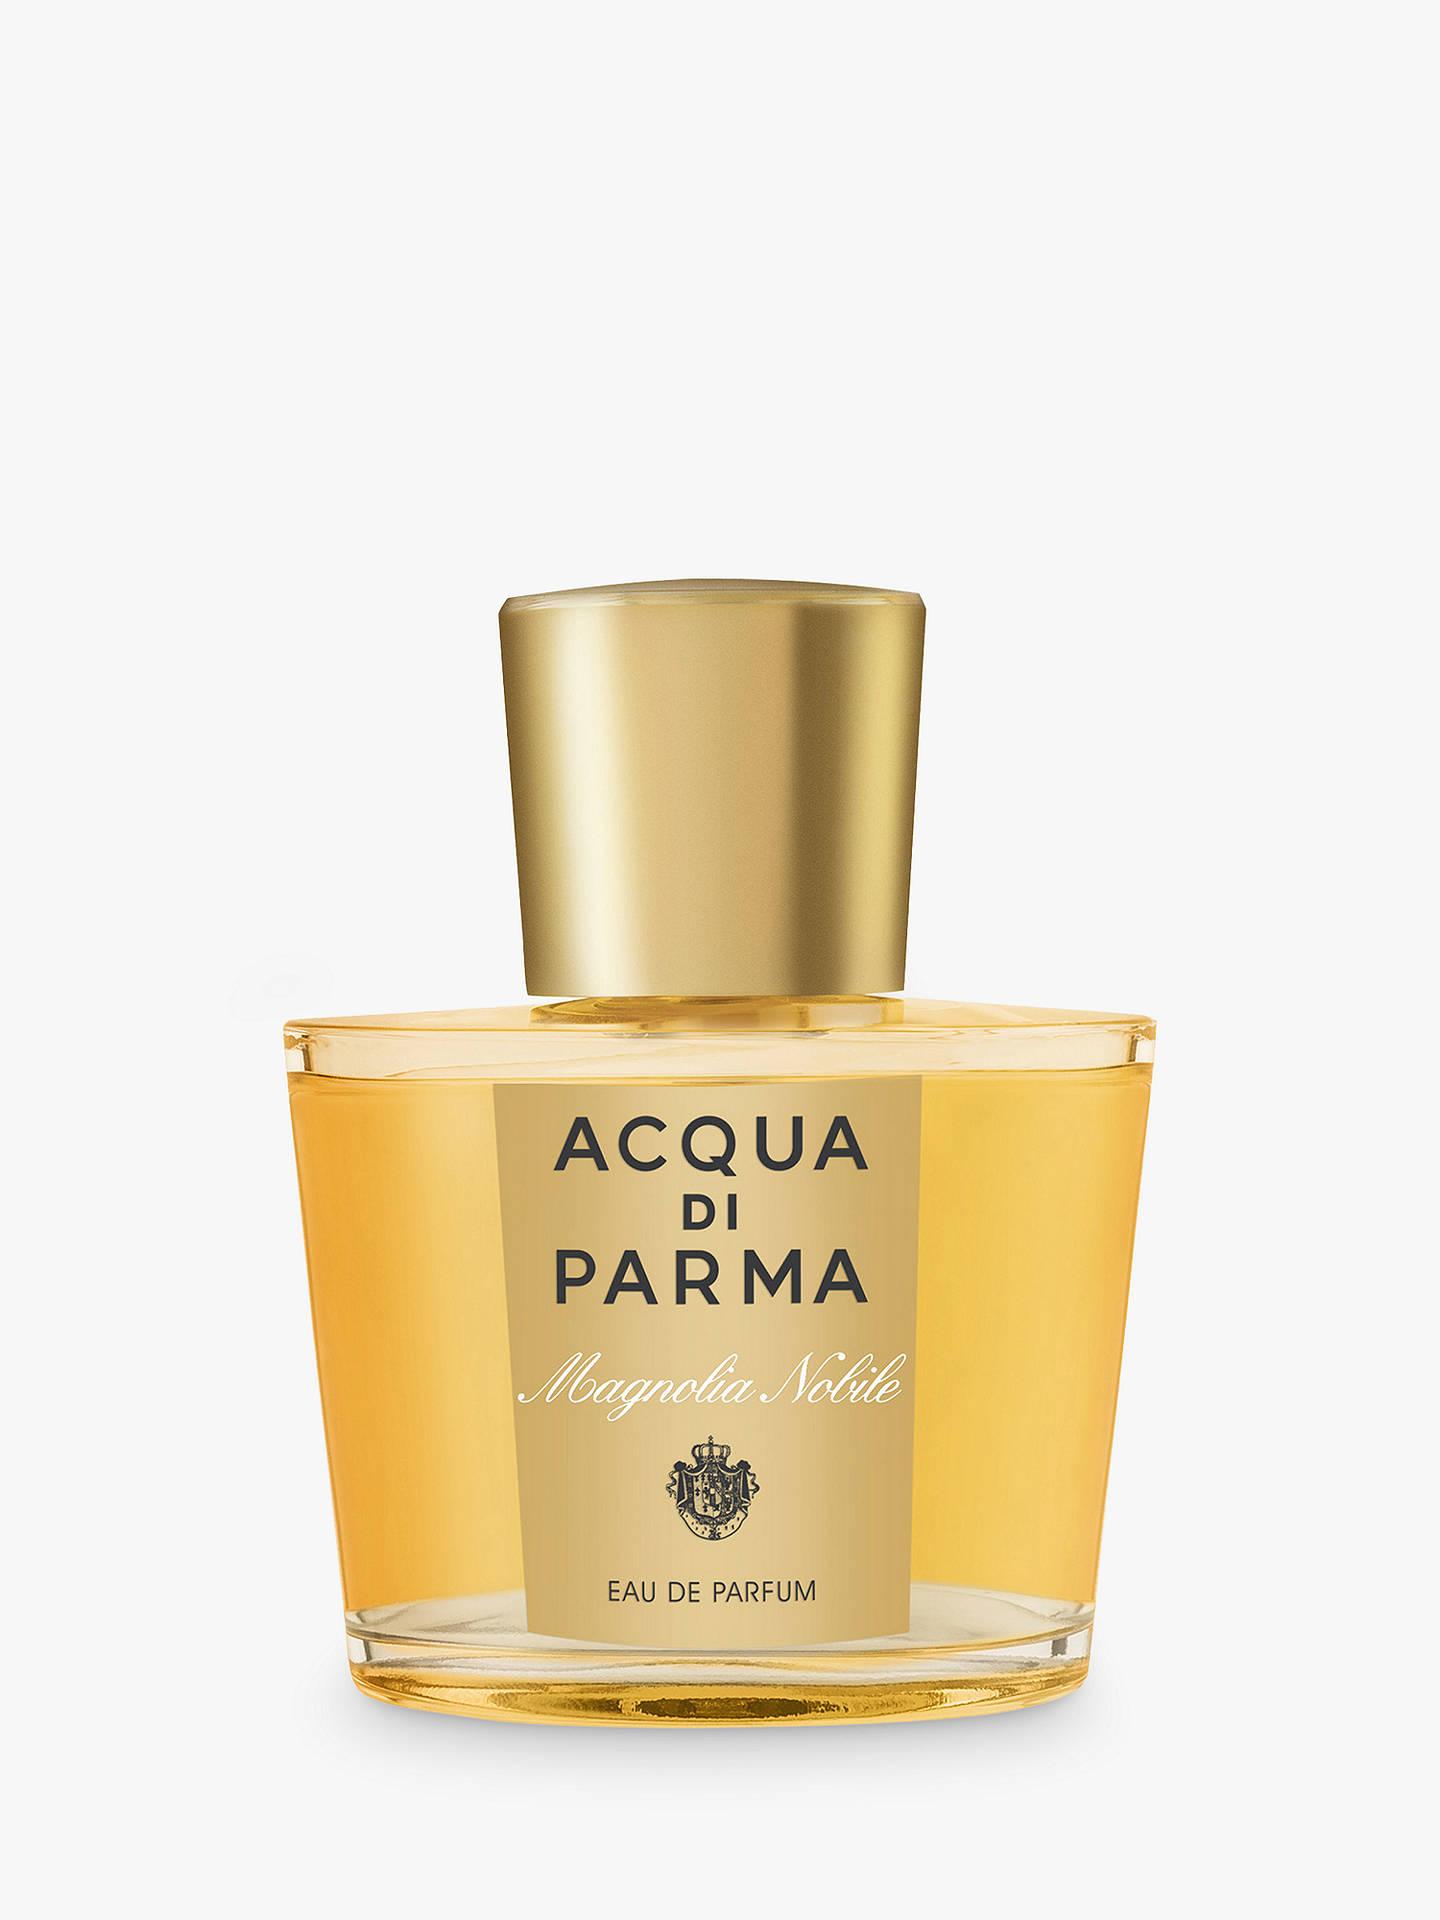 0d689f7f9b0a Acqua di Parma Magnolia Nobile Eau de Parfum Spray at John Lewis ...